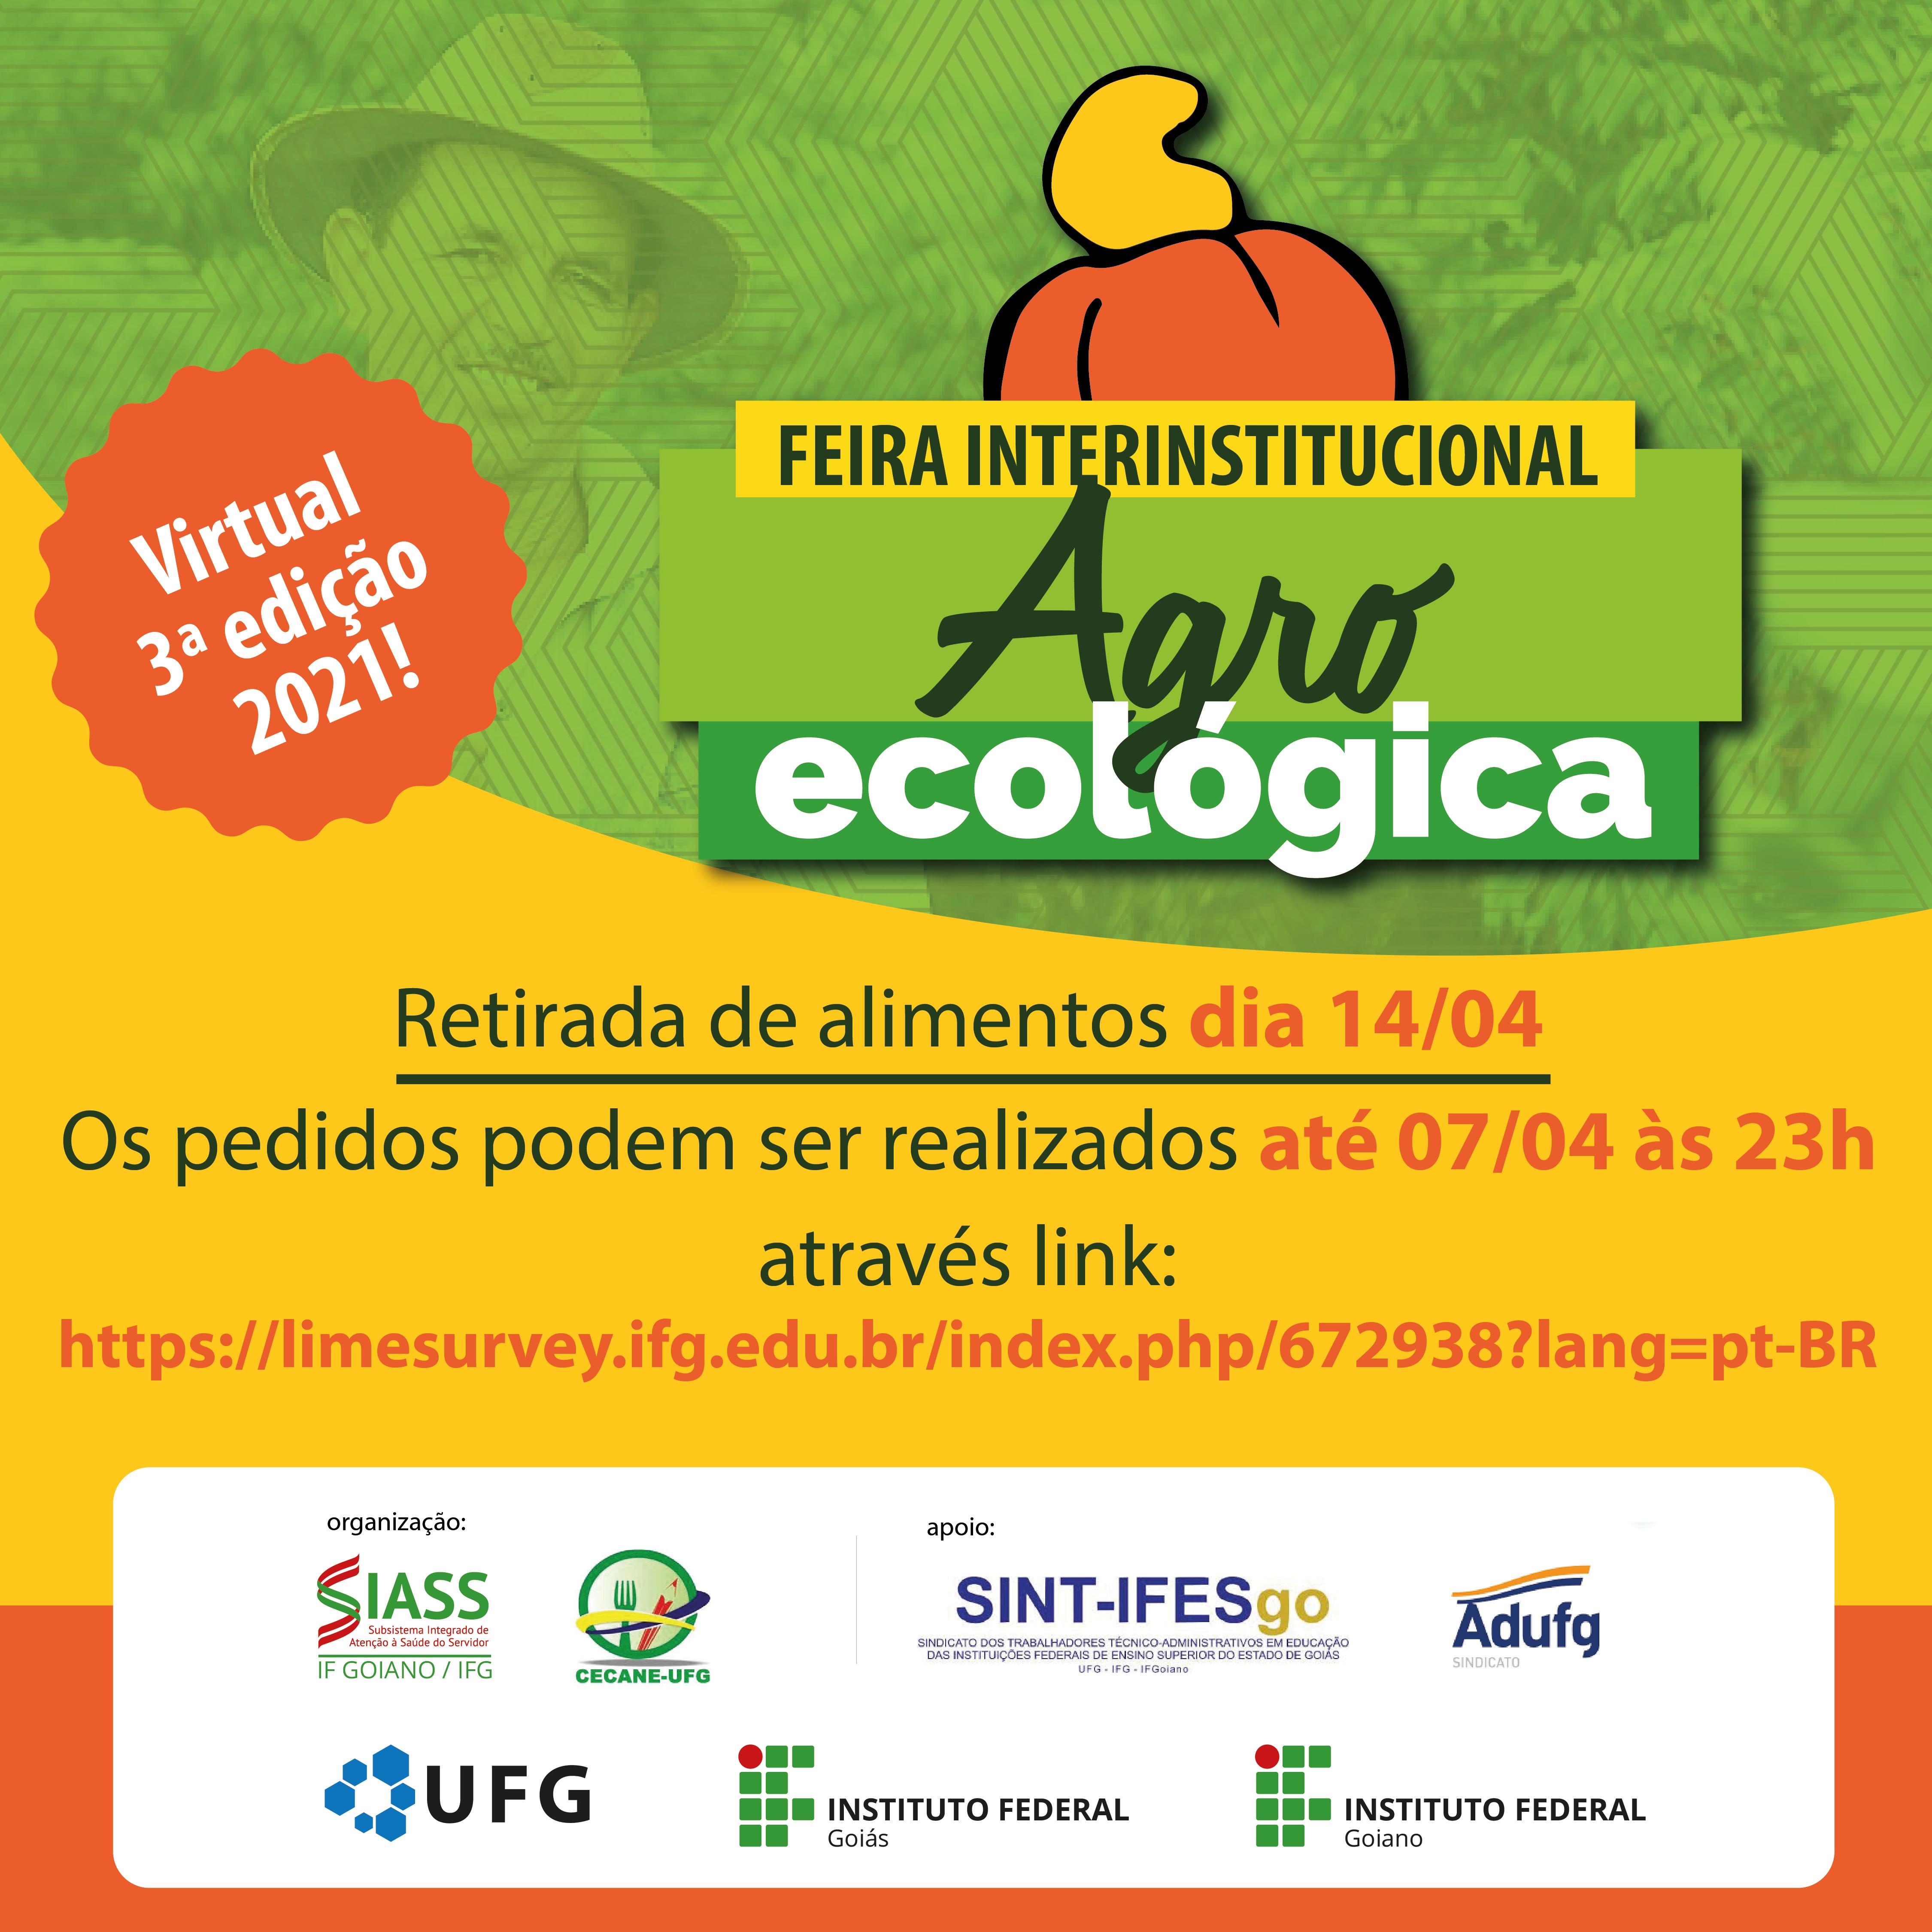 Imagem de divulgação da 3ª Edição da Feira Virtual Agroecológica. Retirada de alimentos dia 14/04. Os pedidos podem ser realizados até 07/04 às 23h. Imagem com fundo verde, amarelo e laranja.